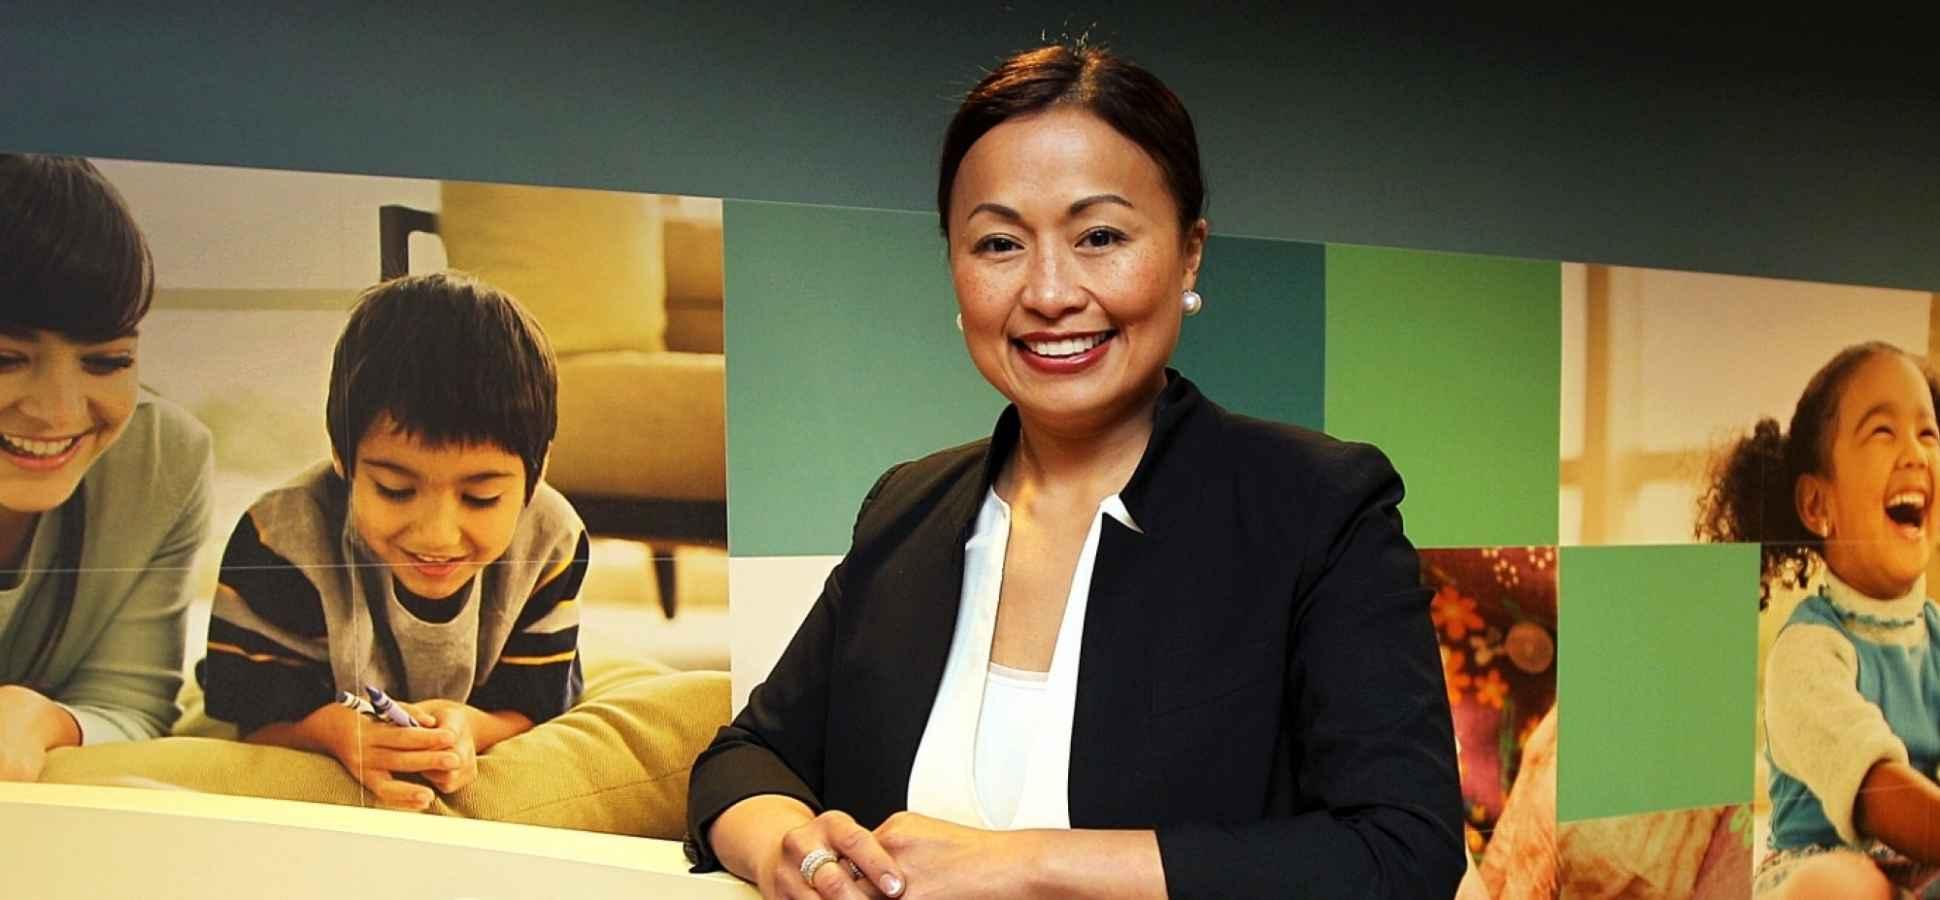 How Sheila Lirio Marcelo Raised $100 Million for Care.com